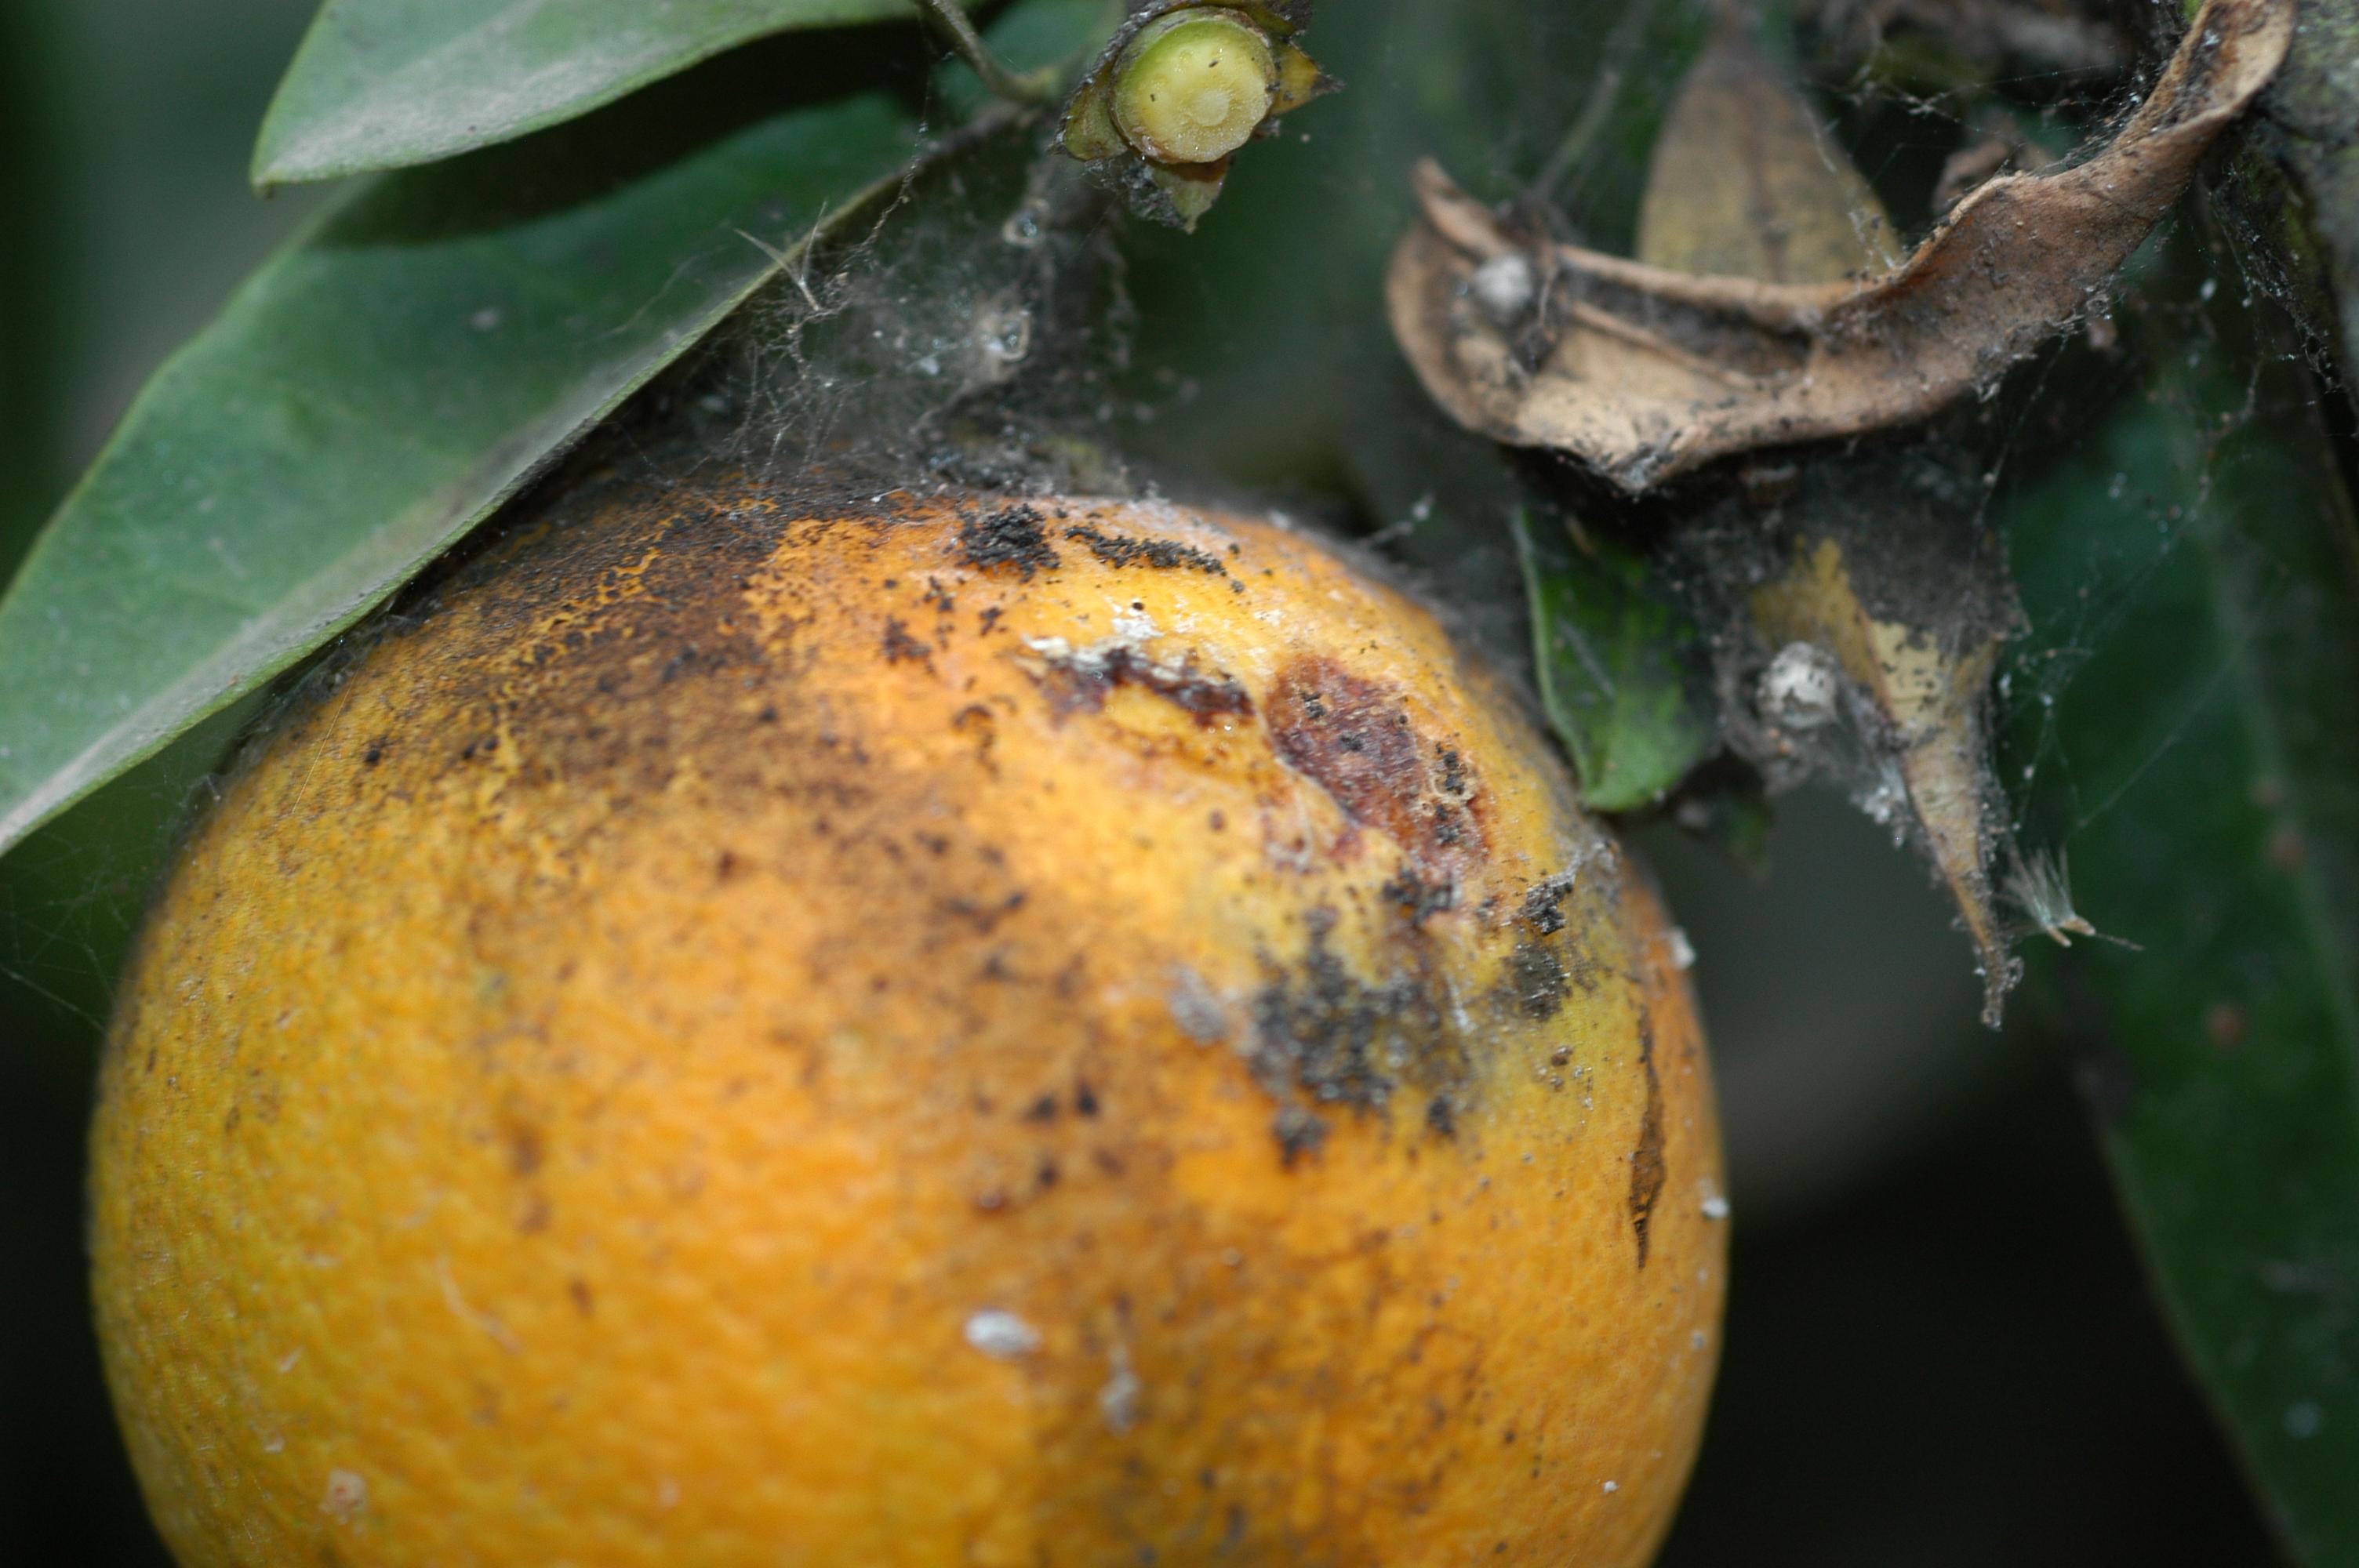 Barrenetas gip c tricos ivia for Enfermedades citricos fotos